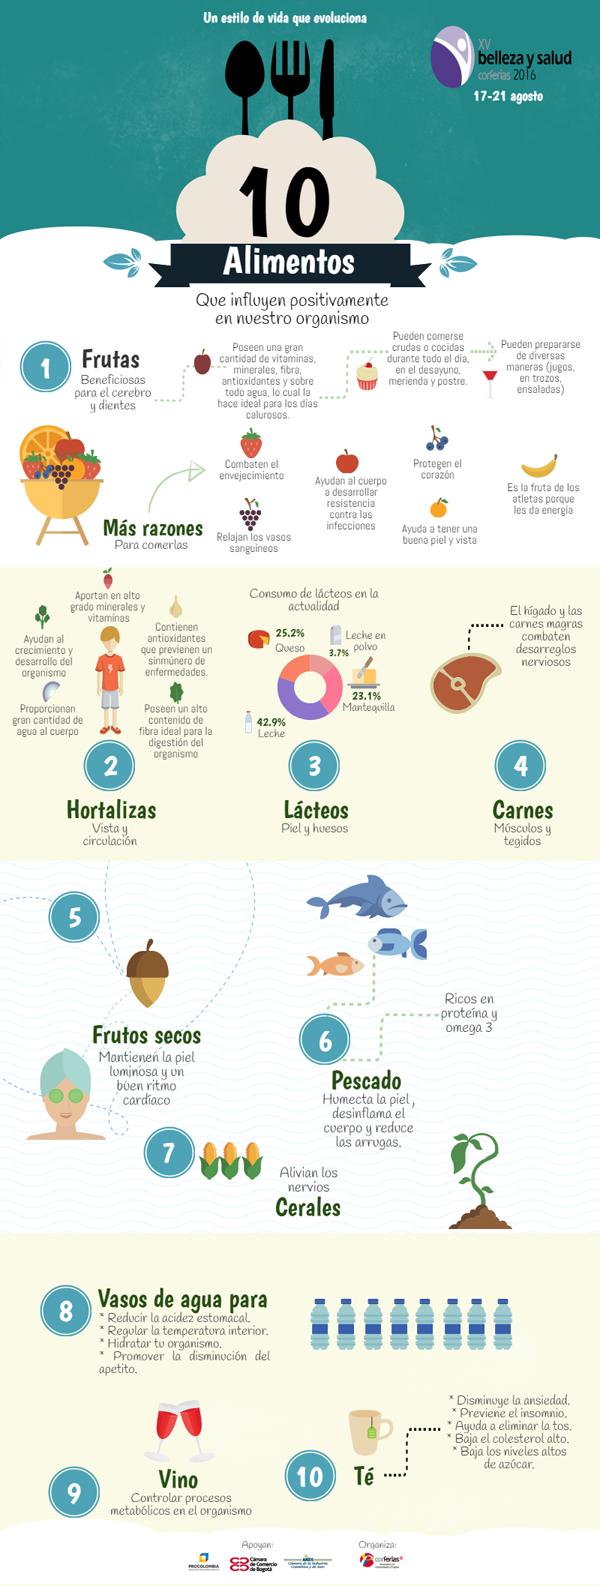 Infografía-Alimentos-influyen-positivamente-organismo